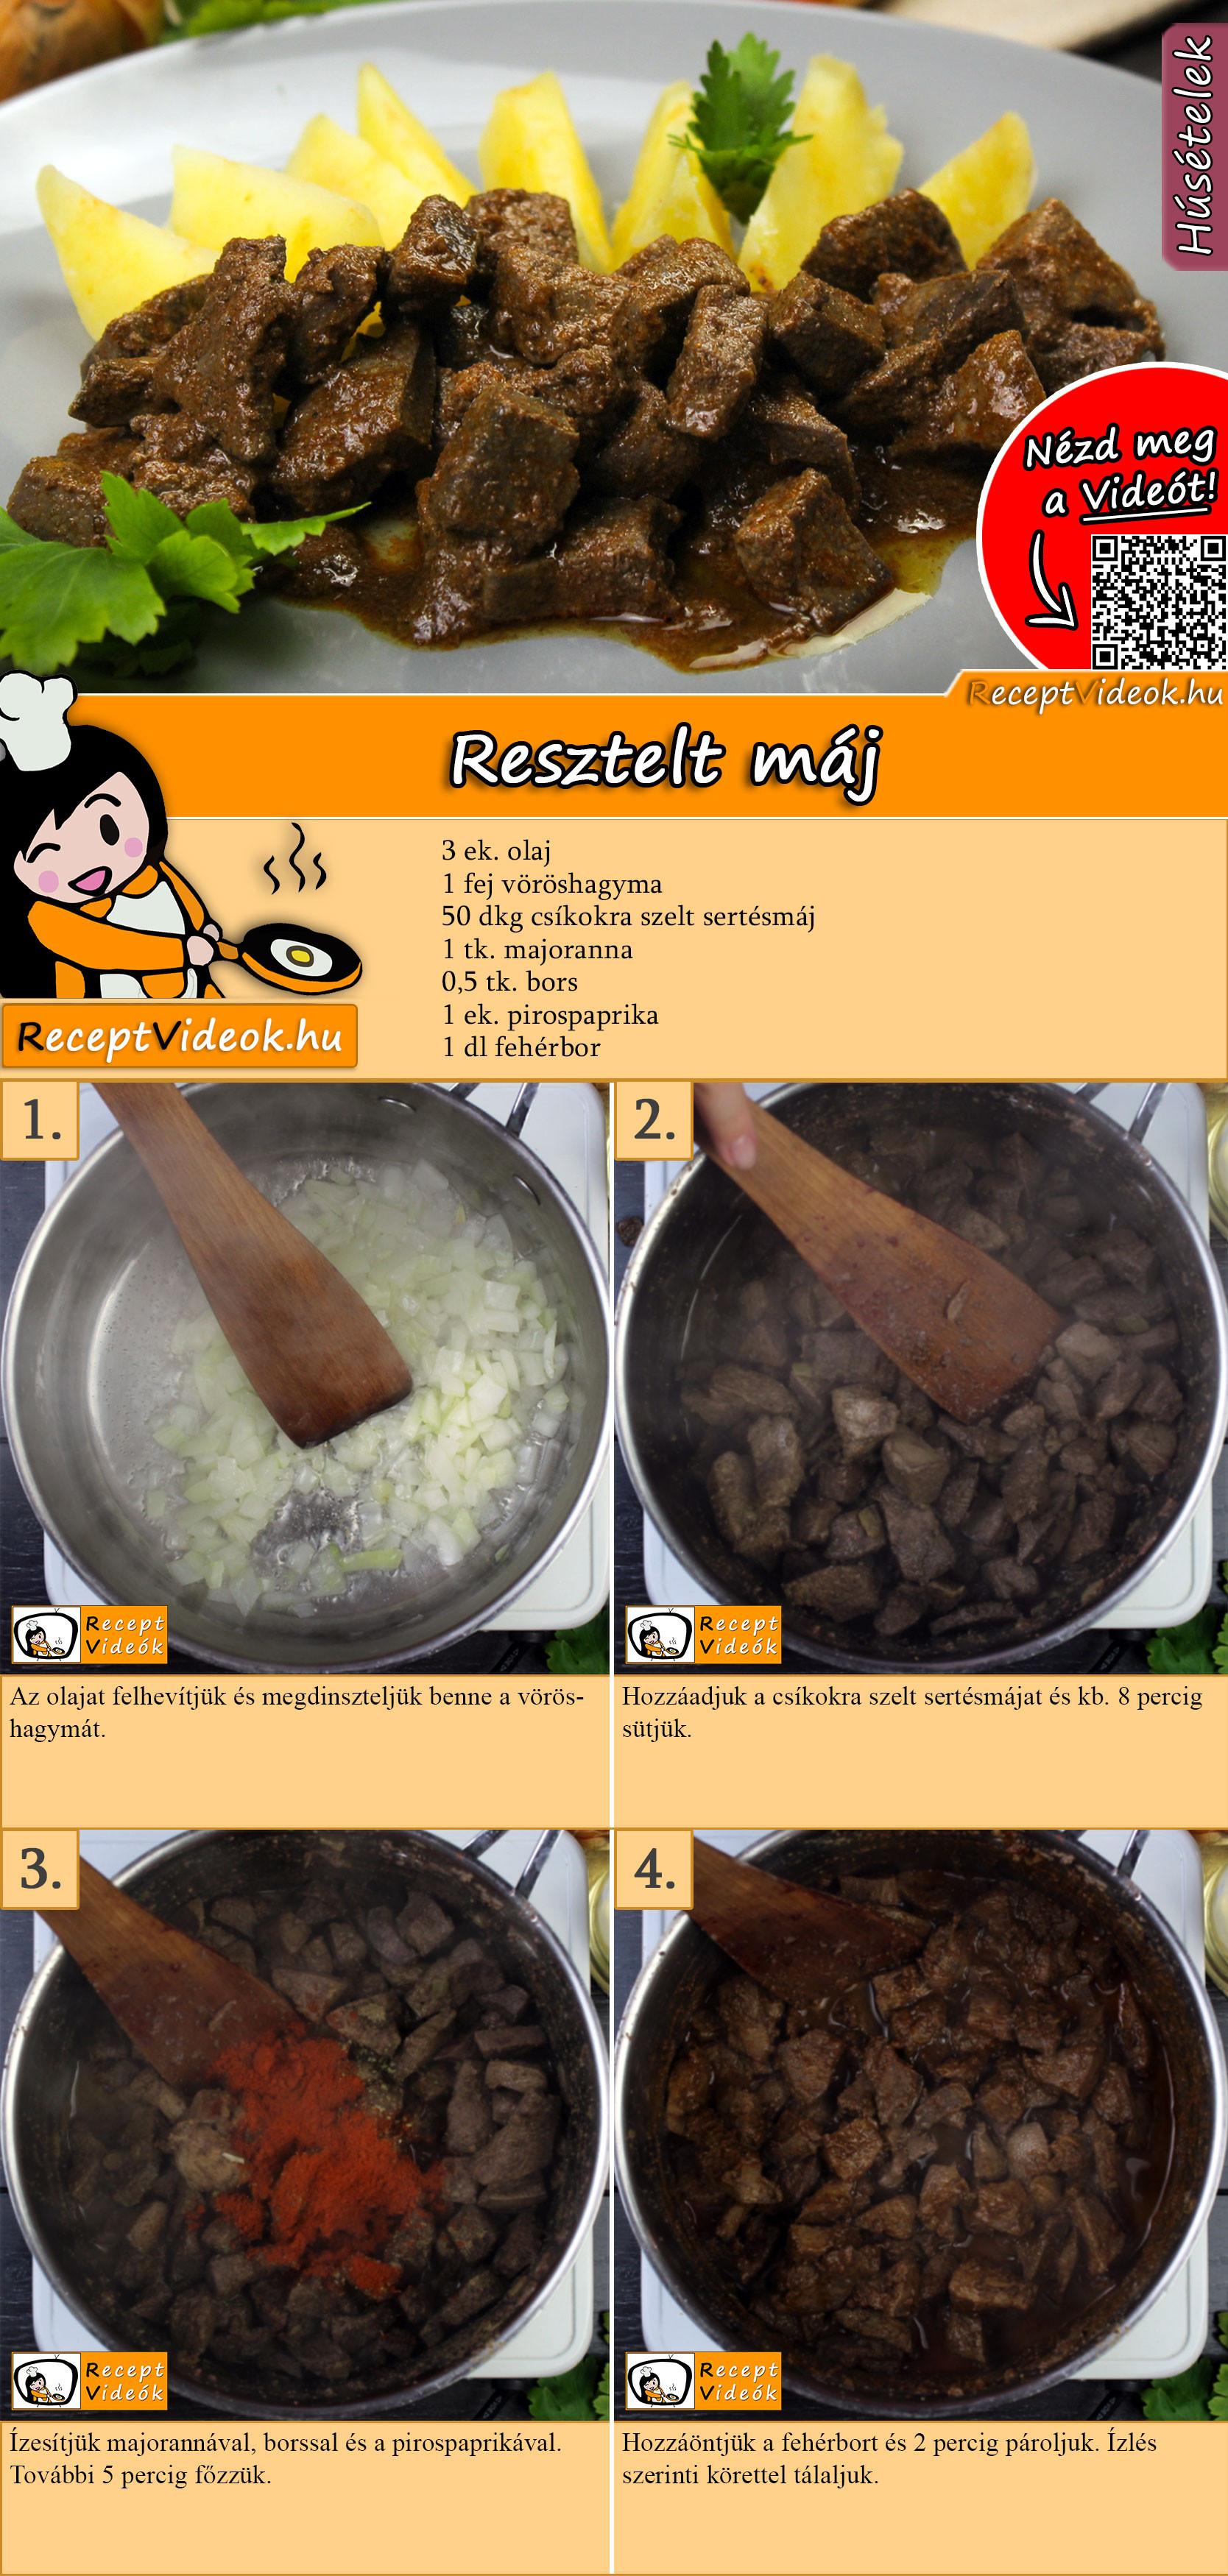 Resztelt máj recept elkészítése videóval